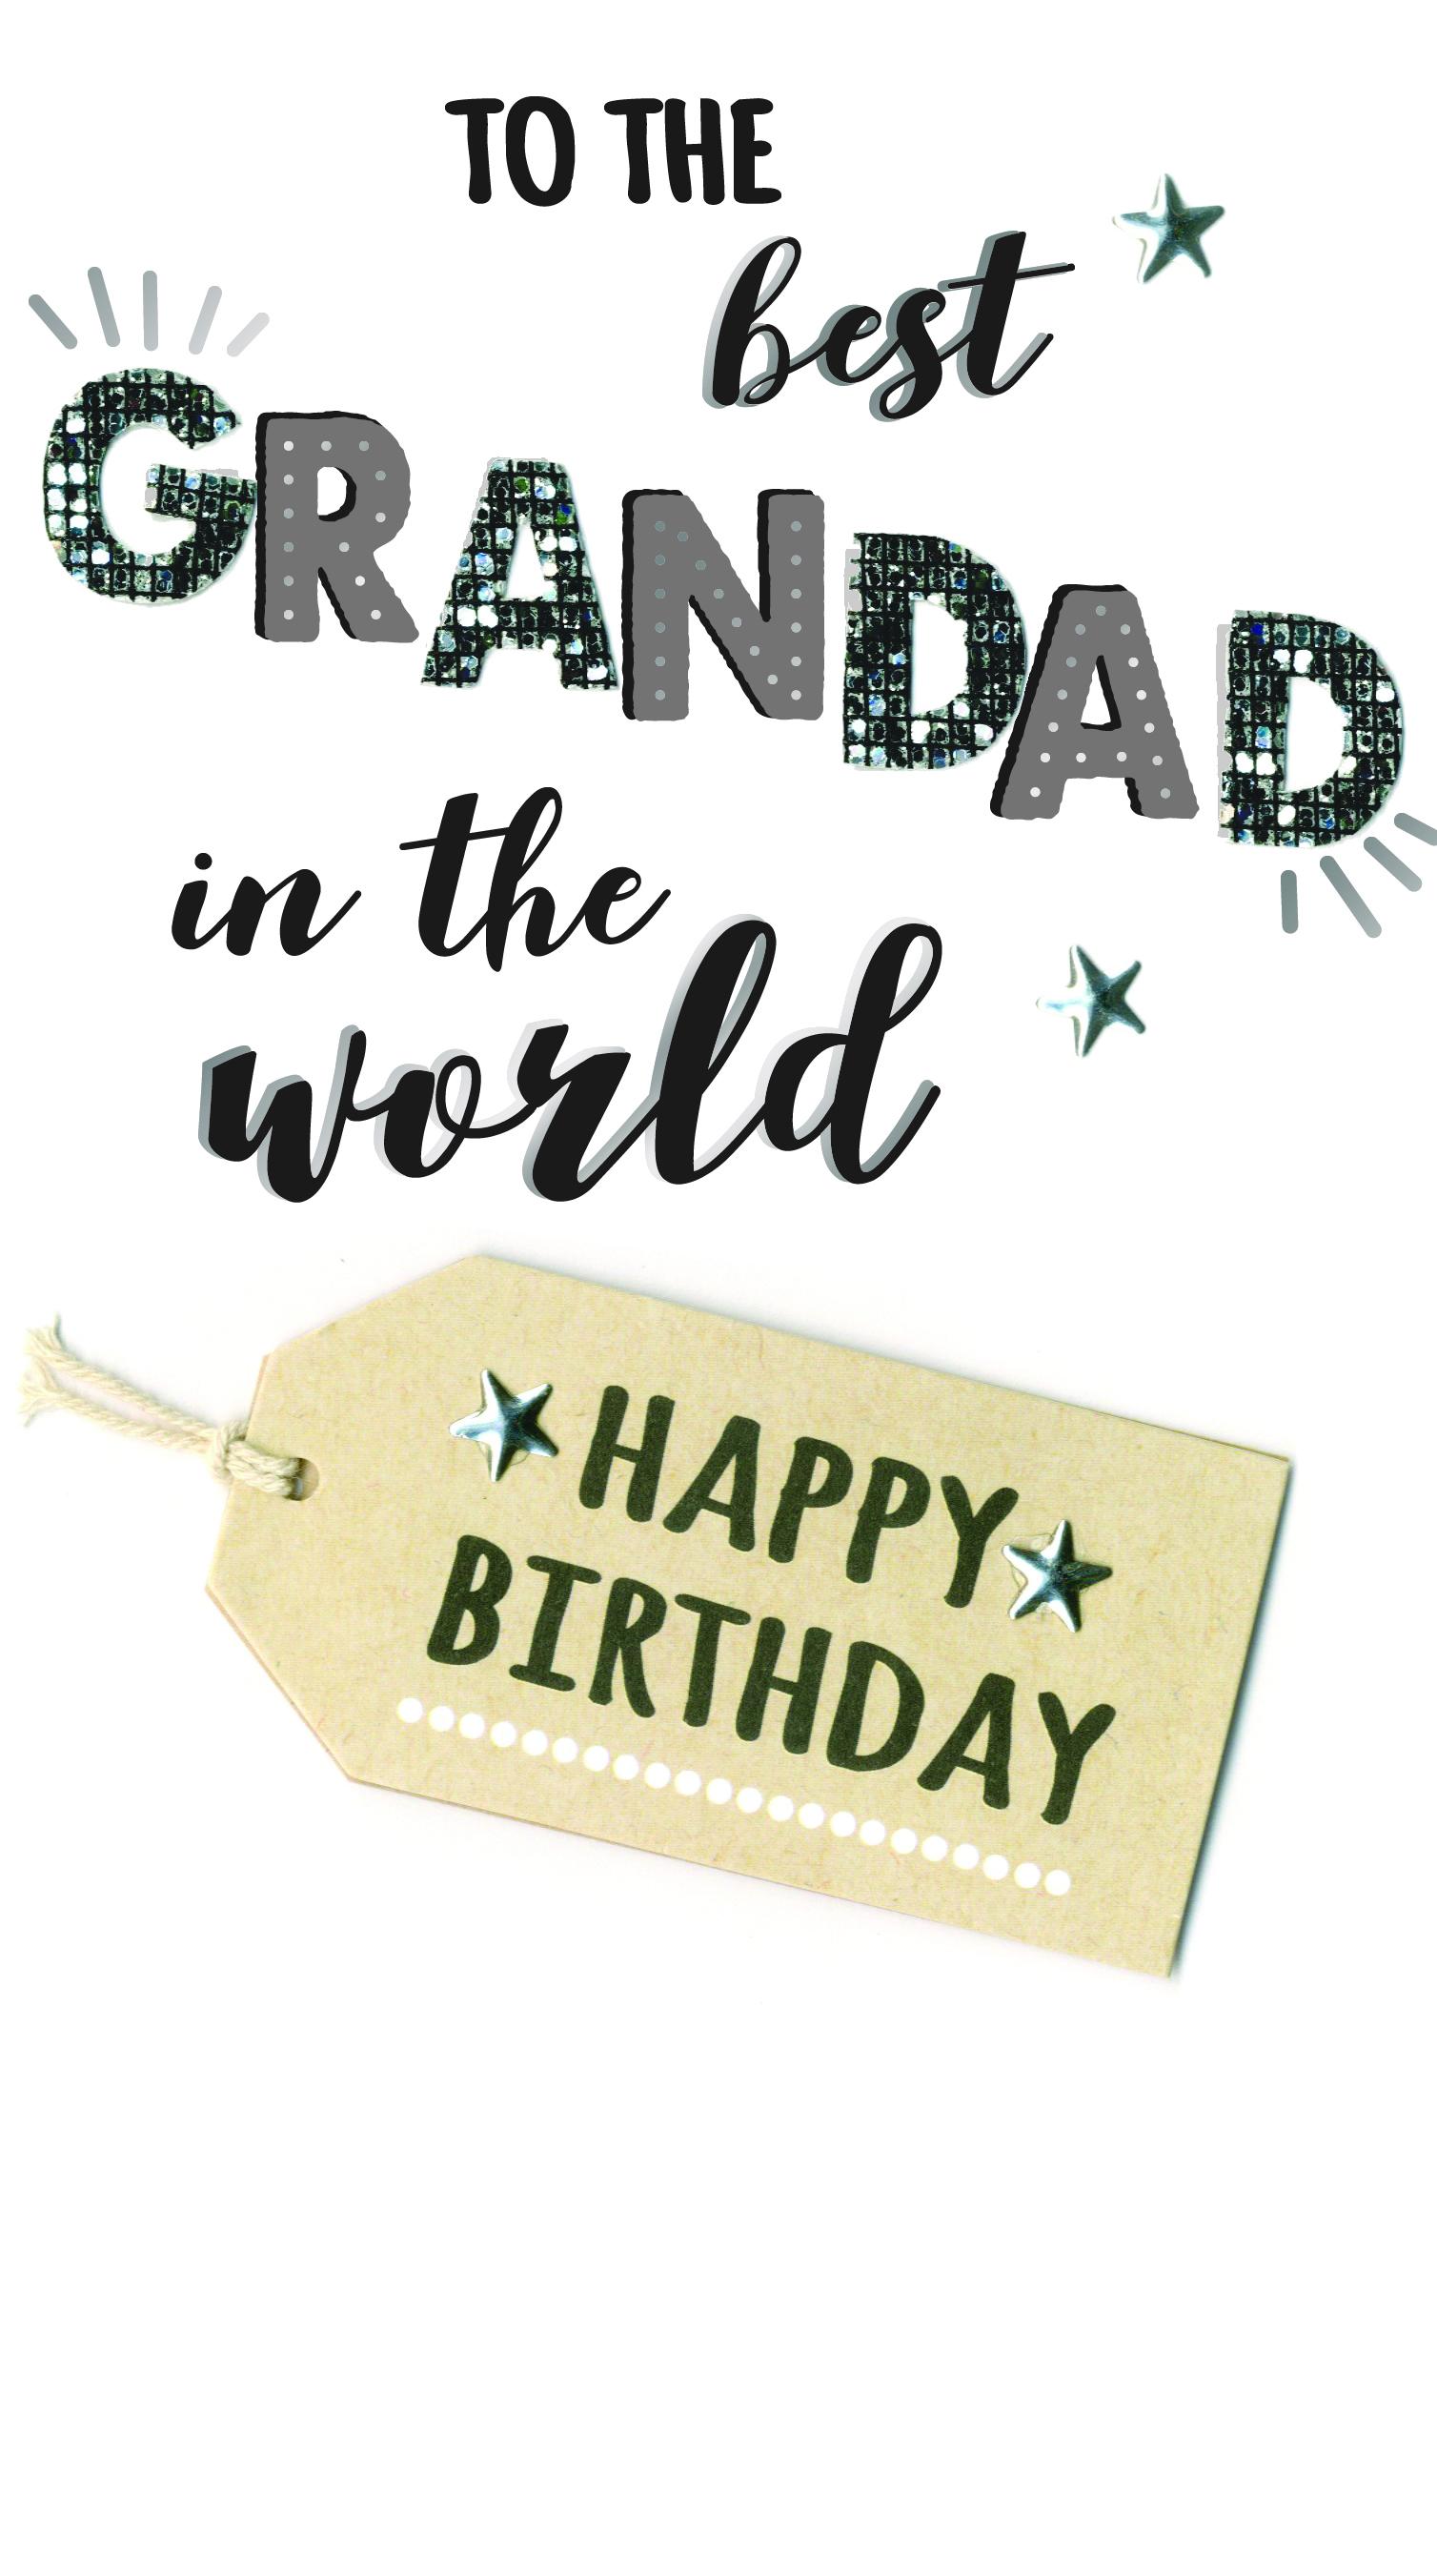 Wonderful Grandad Birthday Greeting Card Hand-Finished